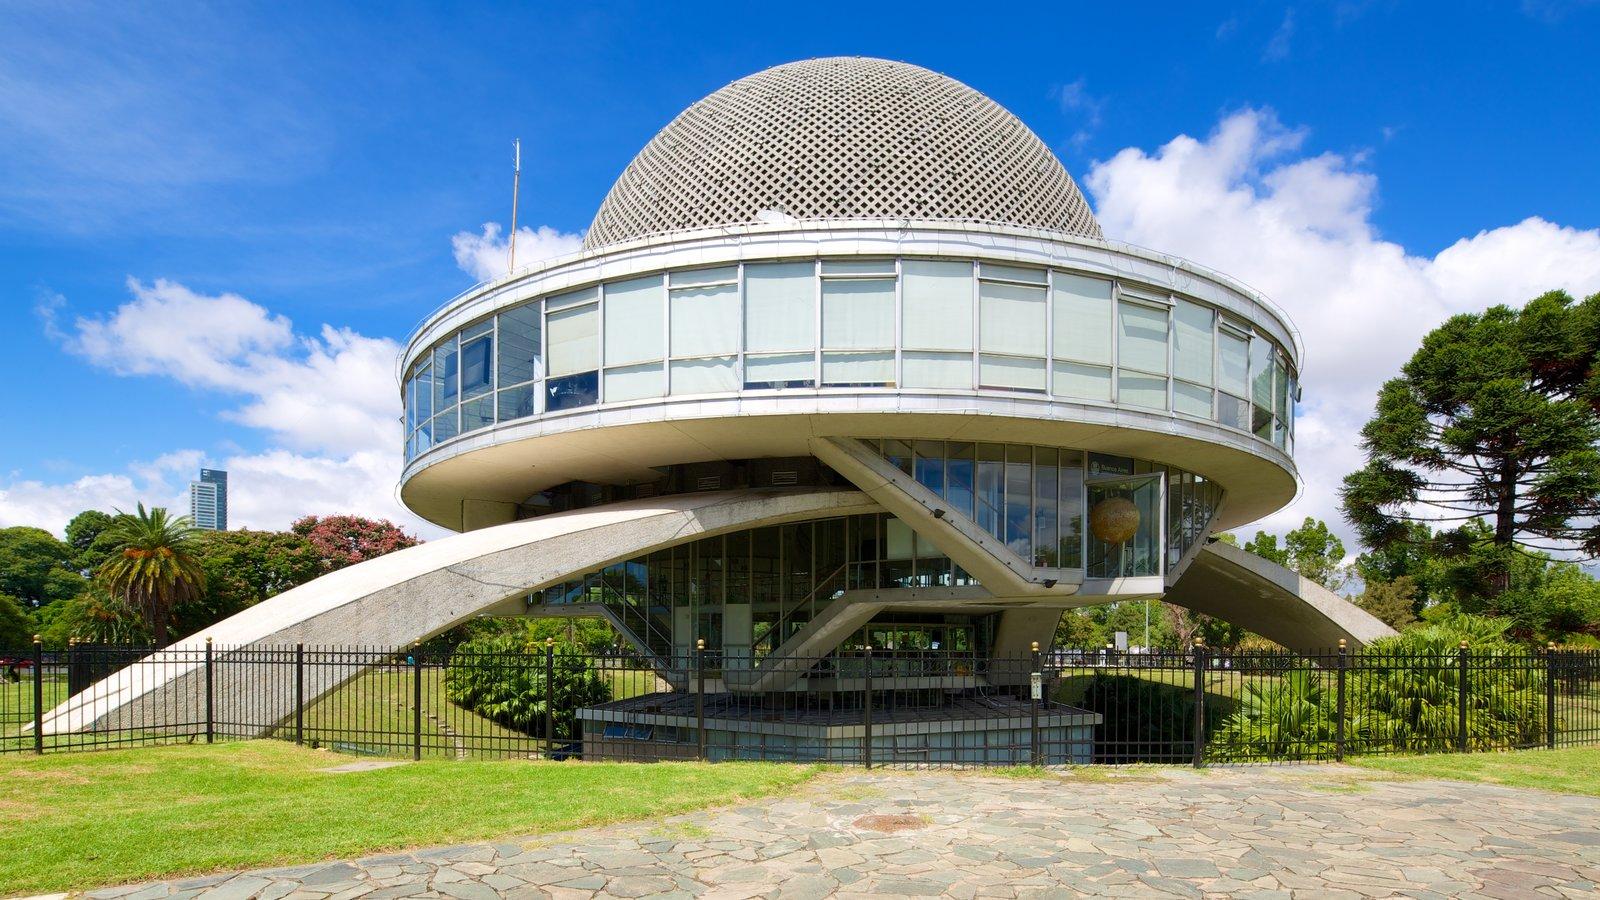 Buenos Aires mostrando um observatório e arquitetura moderna